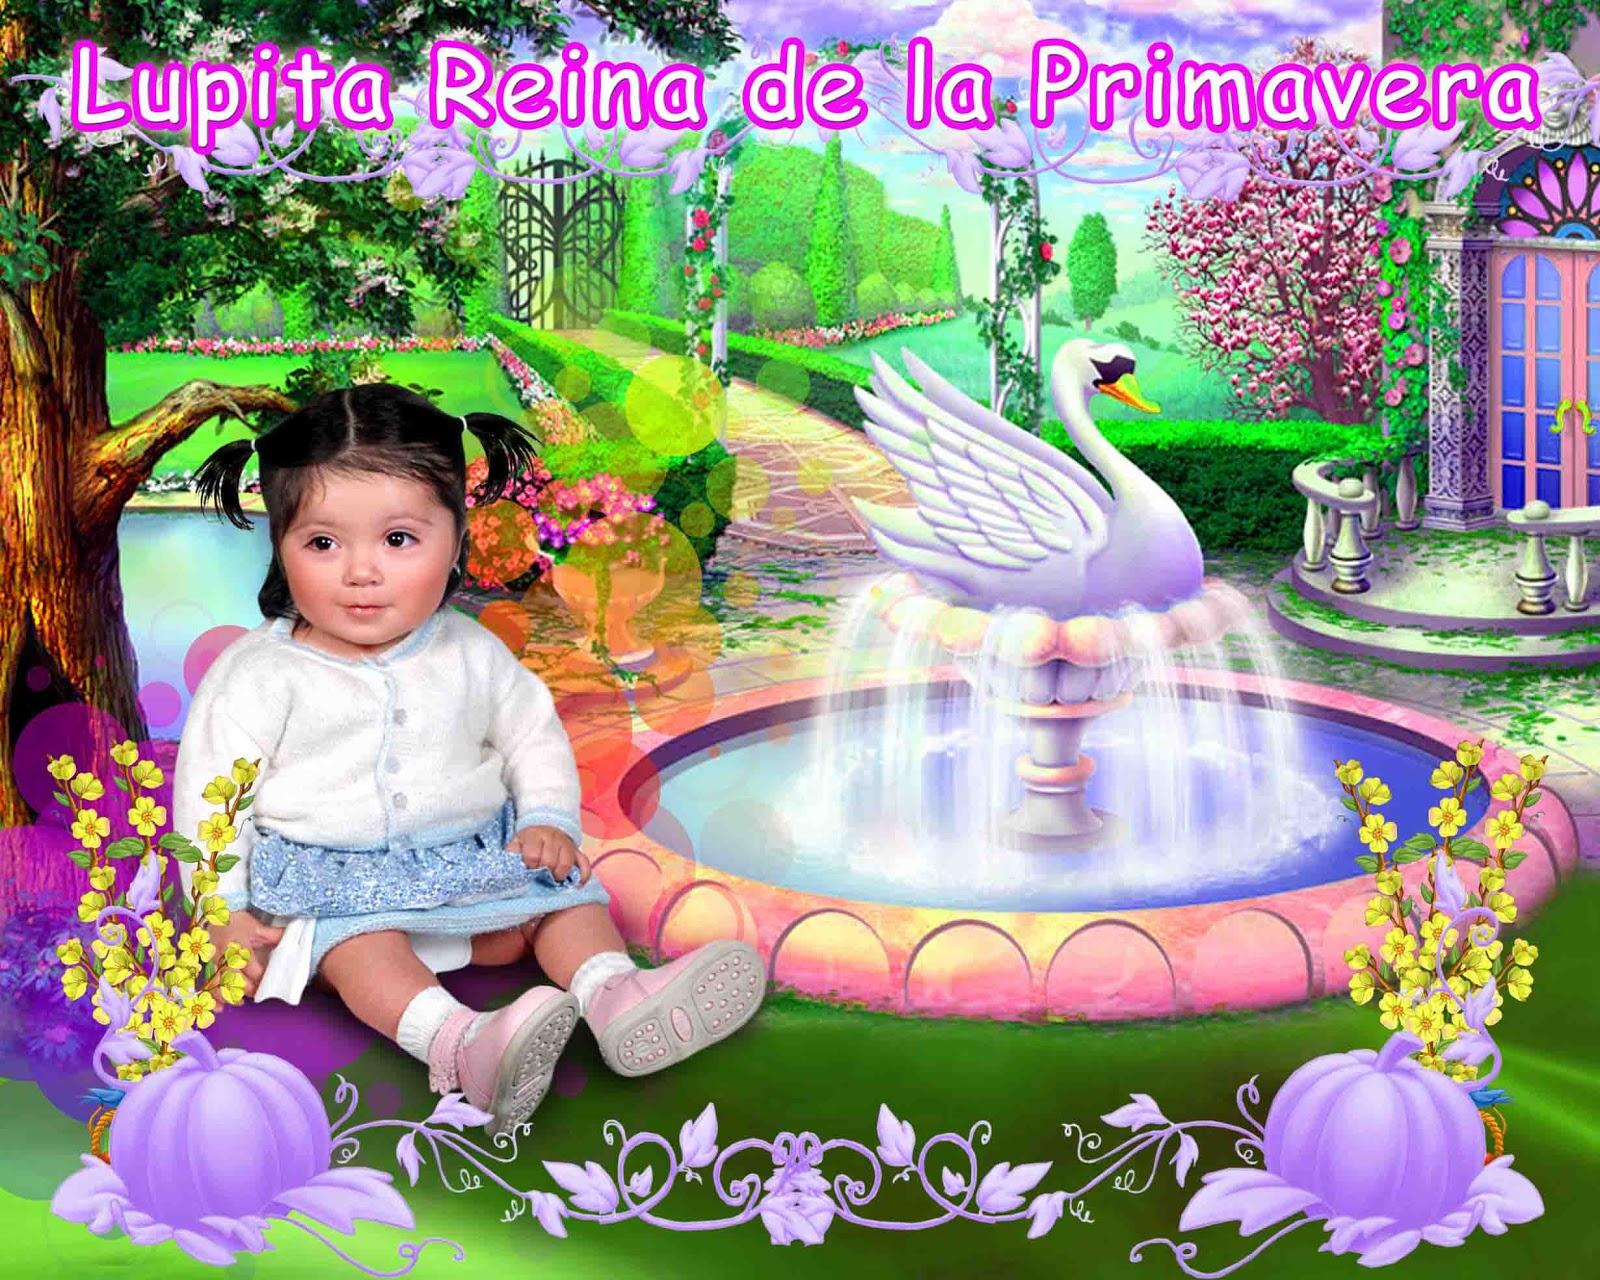 Plantillas para Photoshop.: Reina de la Primavera en psd